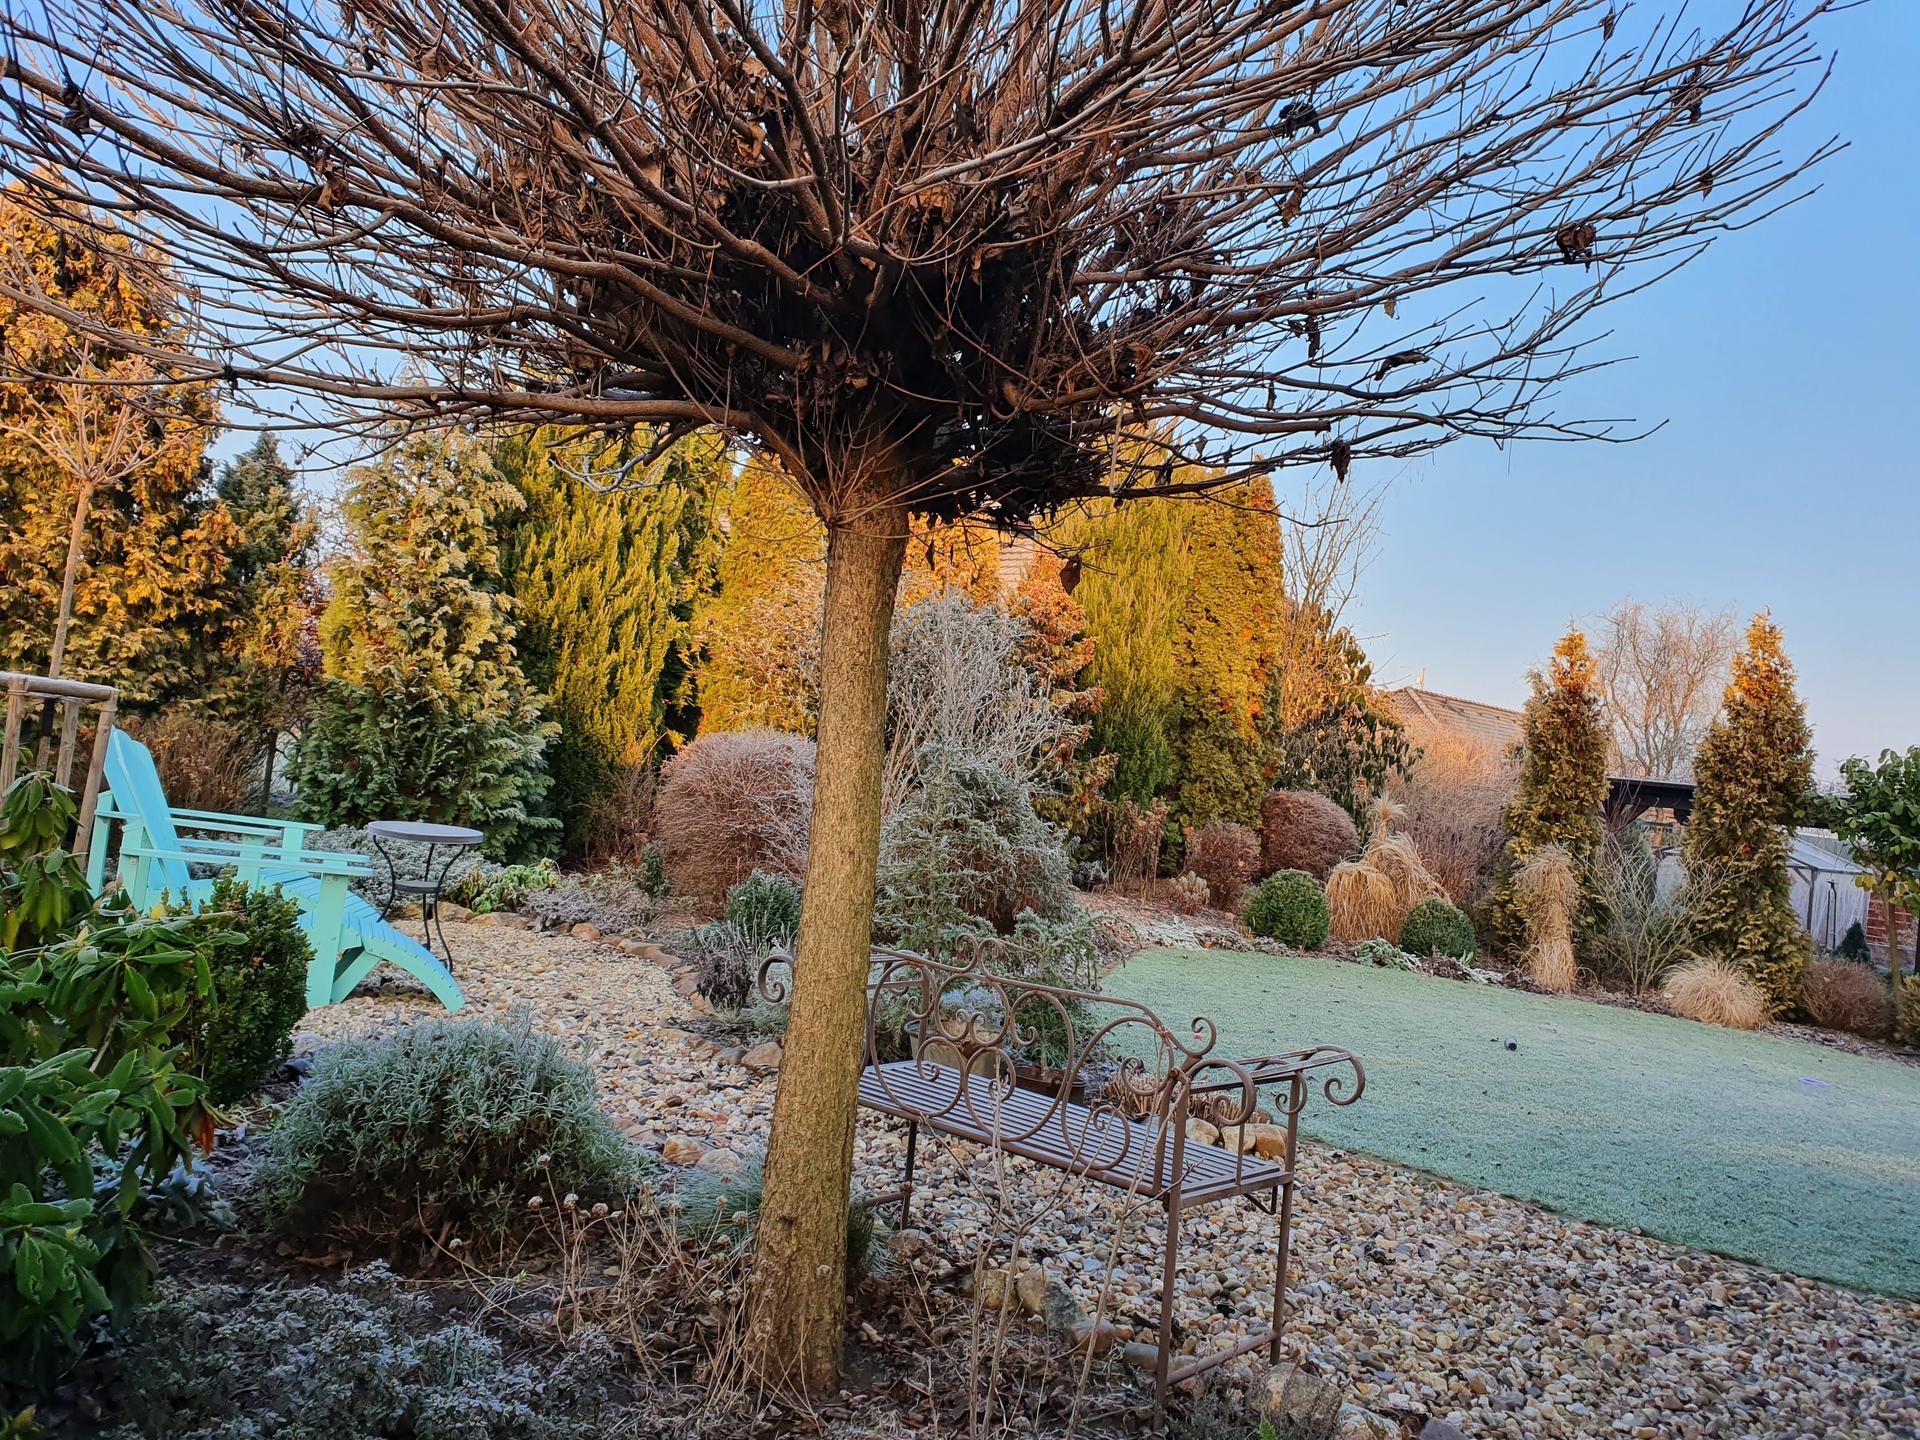 Zahrada ozdobená mrazem - Obrázek č. 6